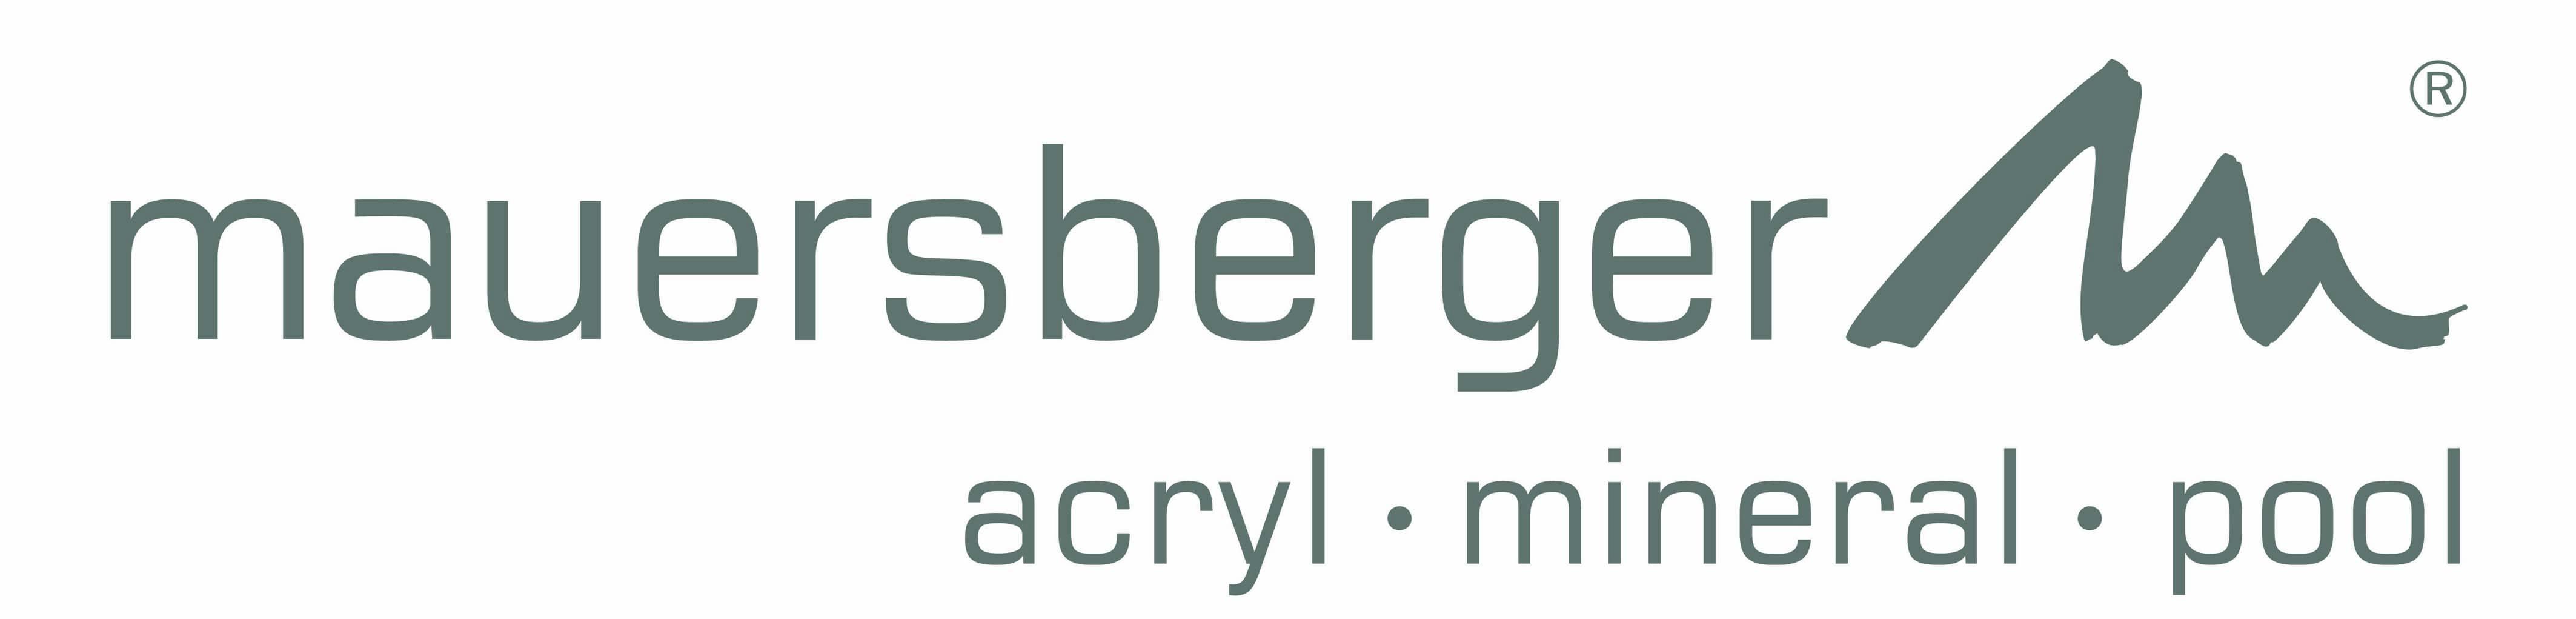 Mauersberger